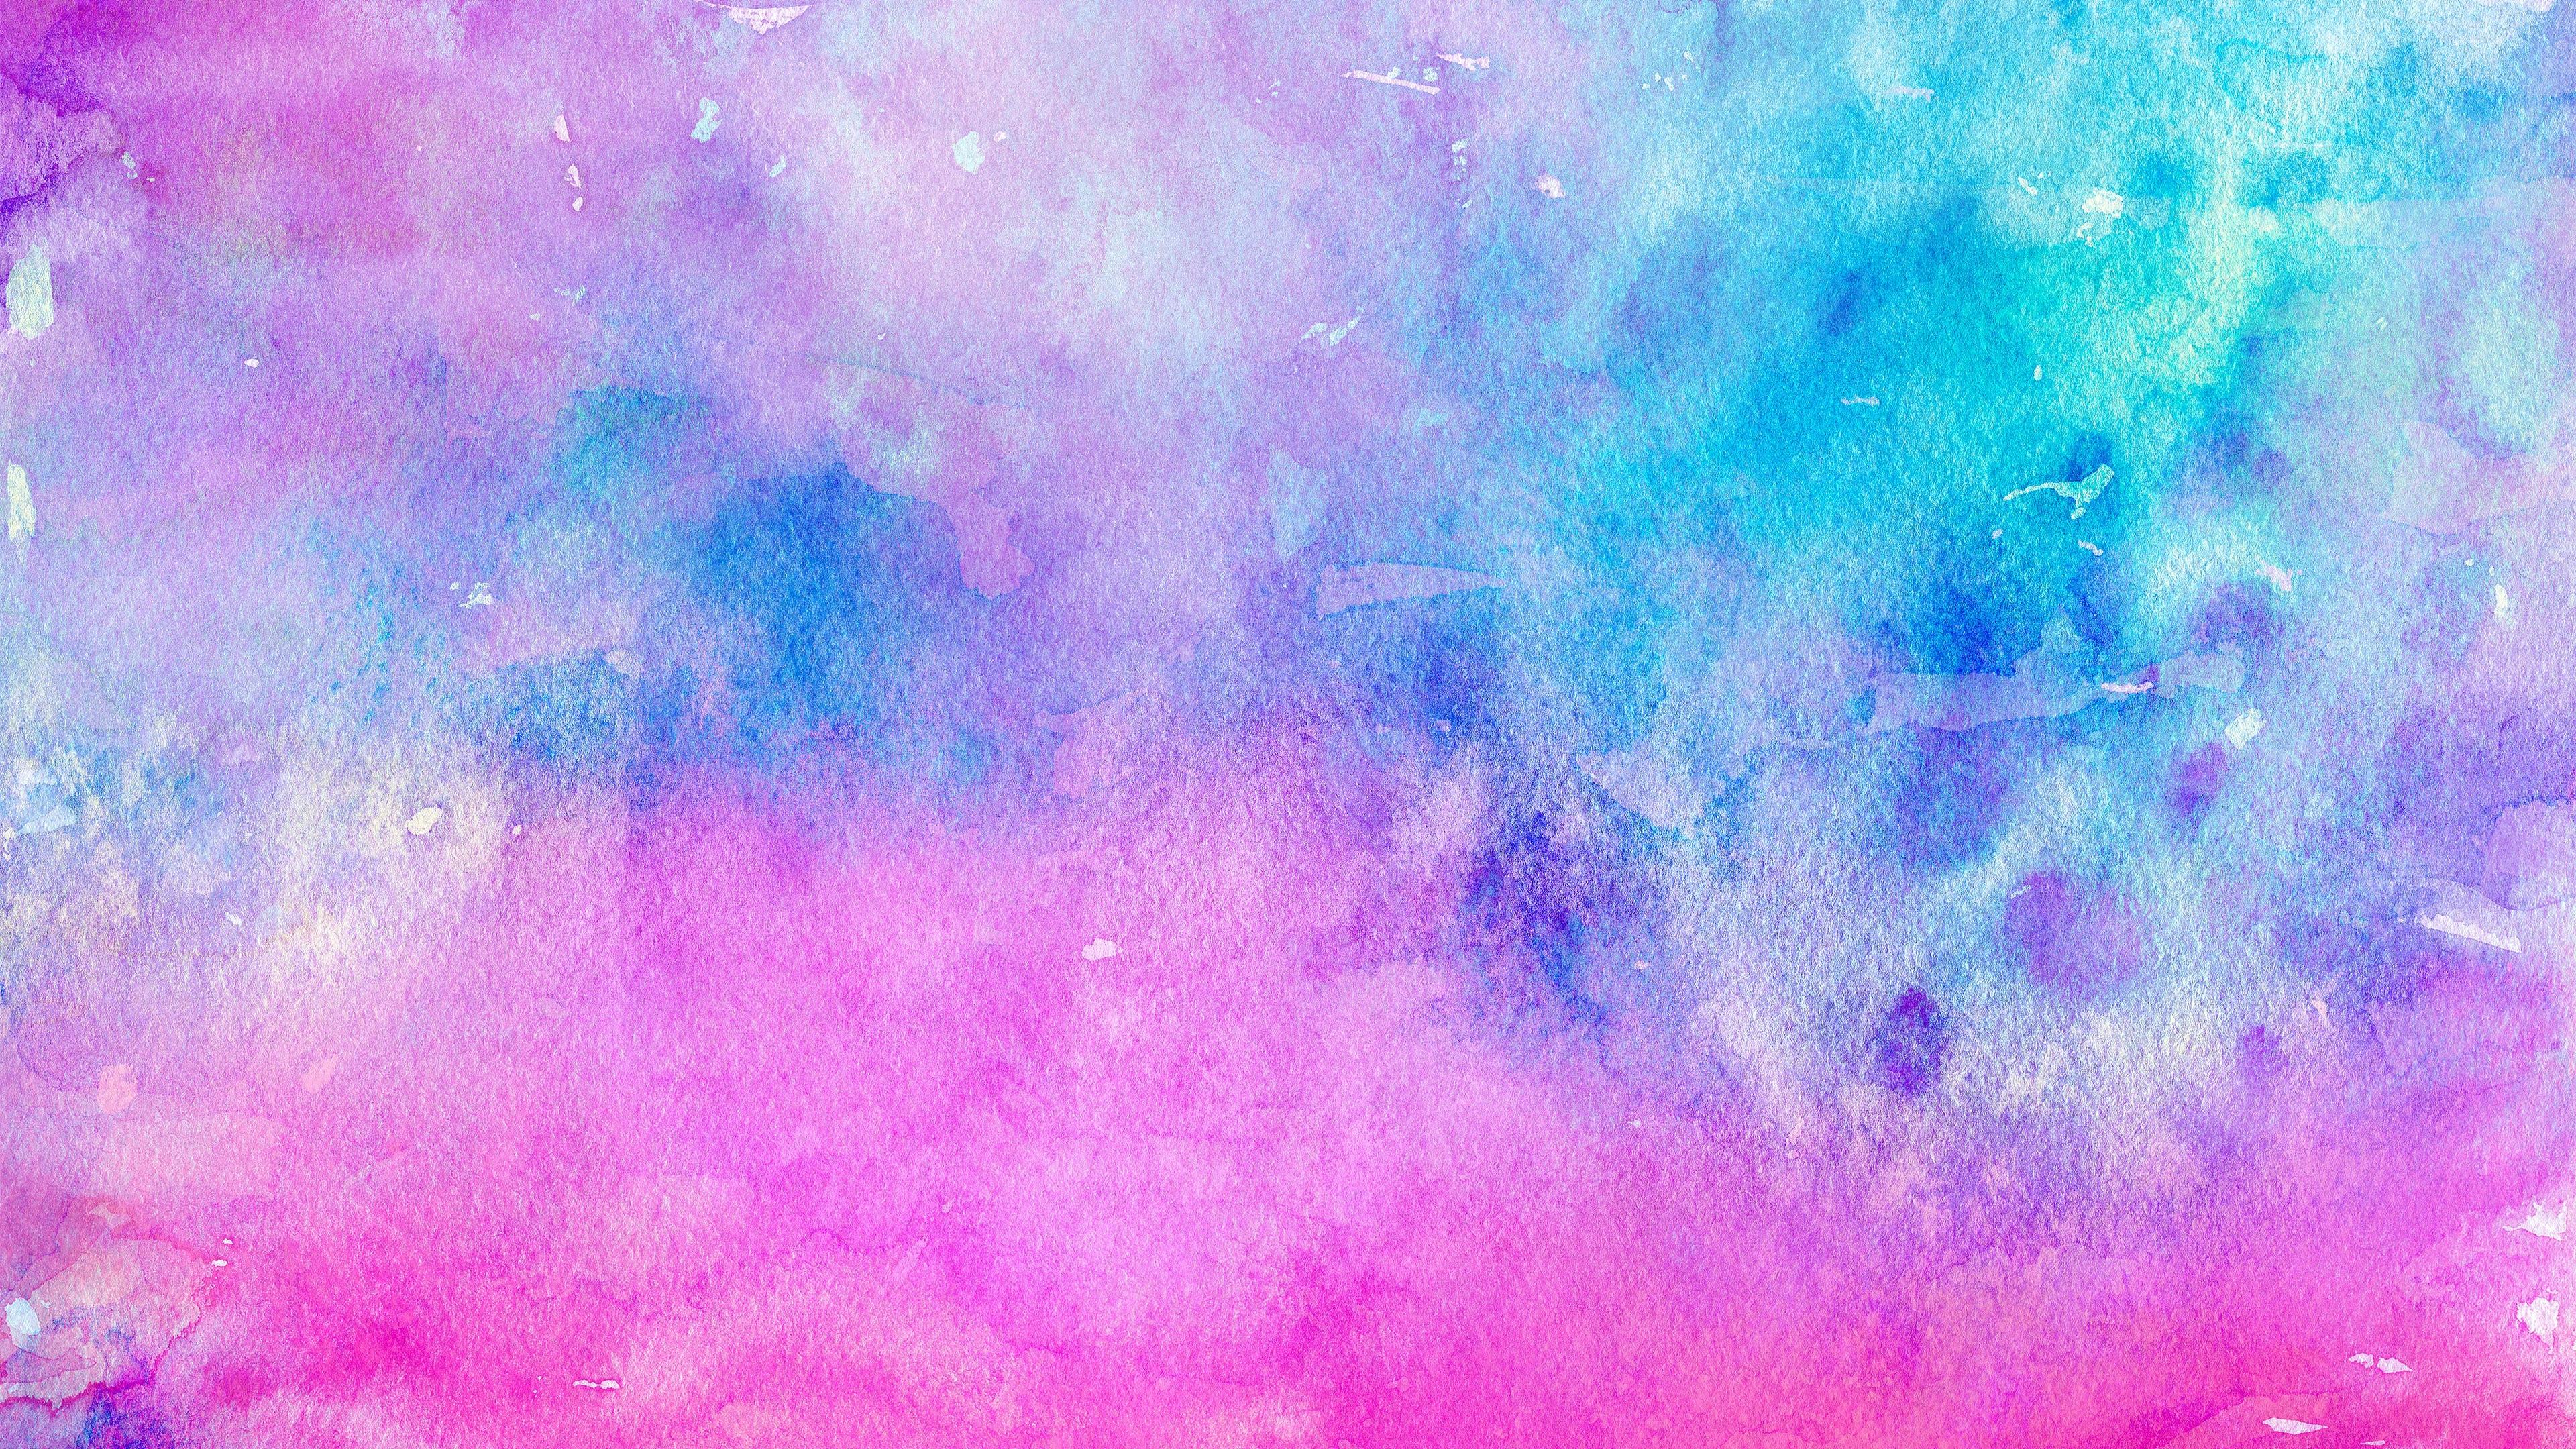 paint watercolor stains light 4k 1539369700 - paint, watercolor, stains, light 4k - watercolor, stains, Paint